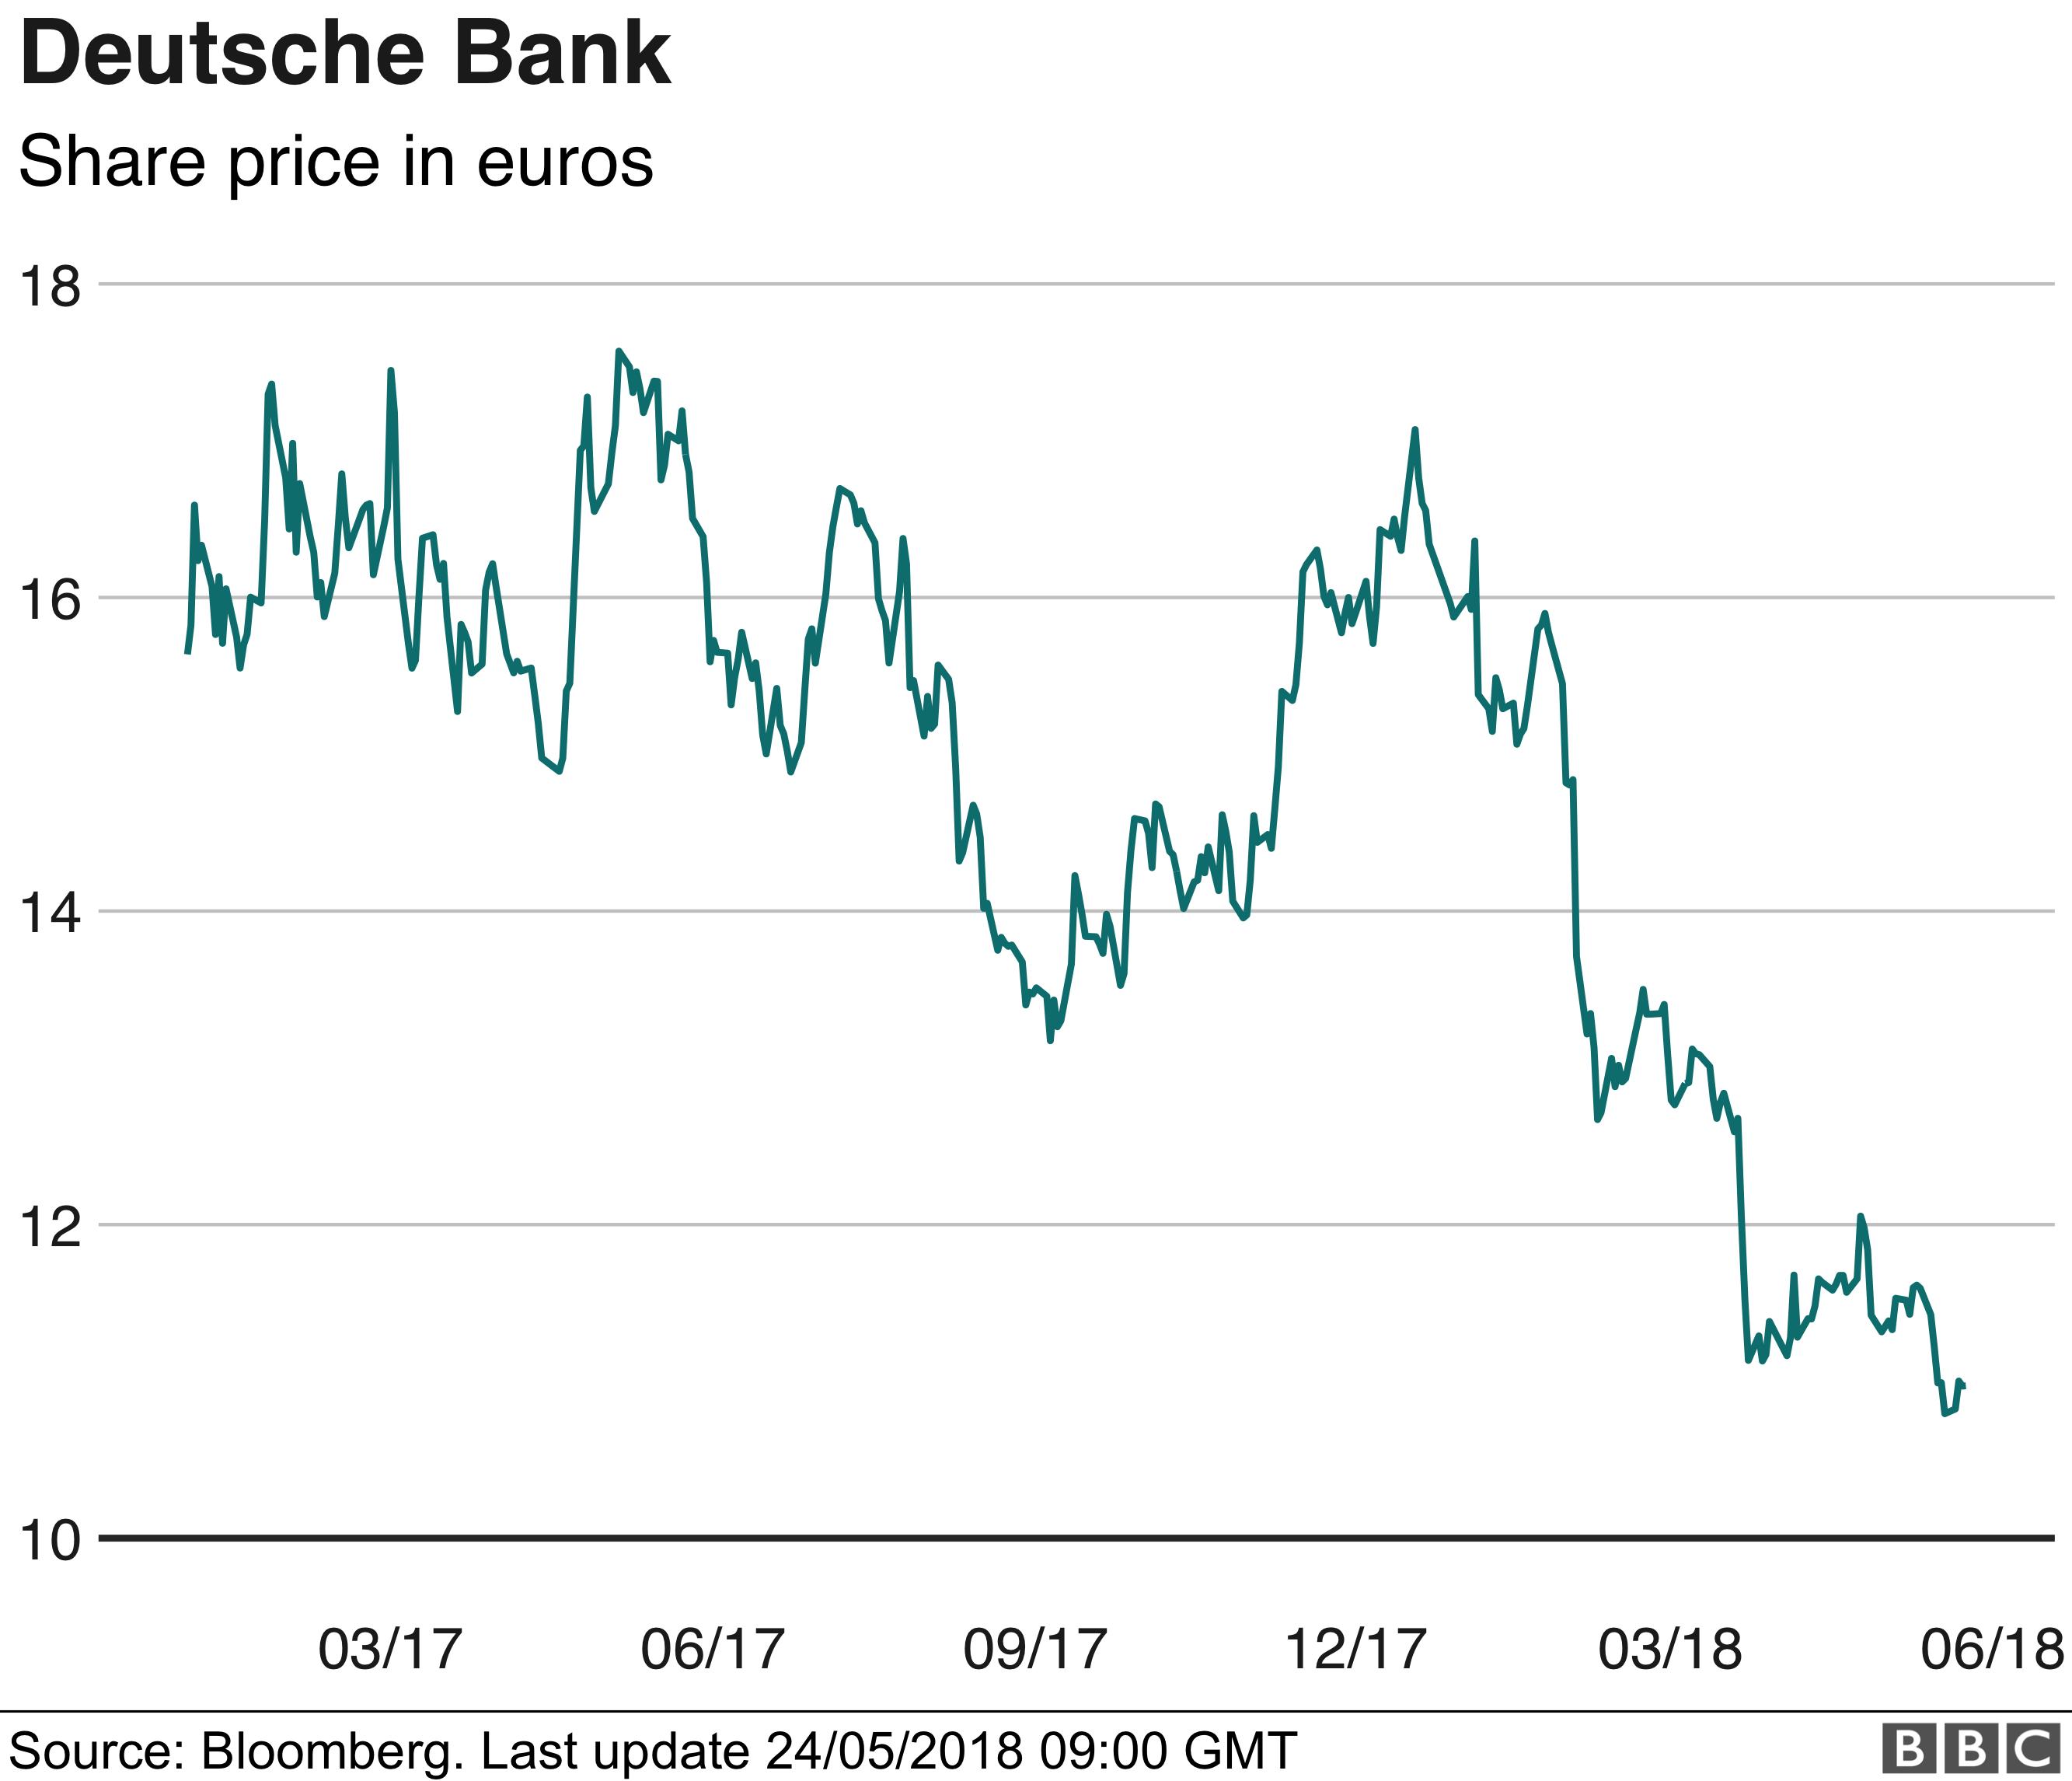 Deutsche Bank share price graphic